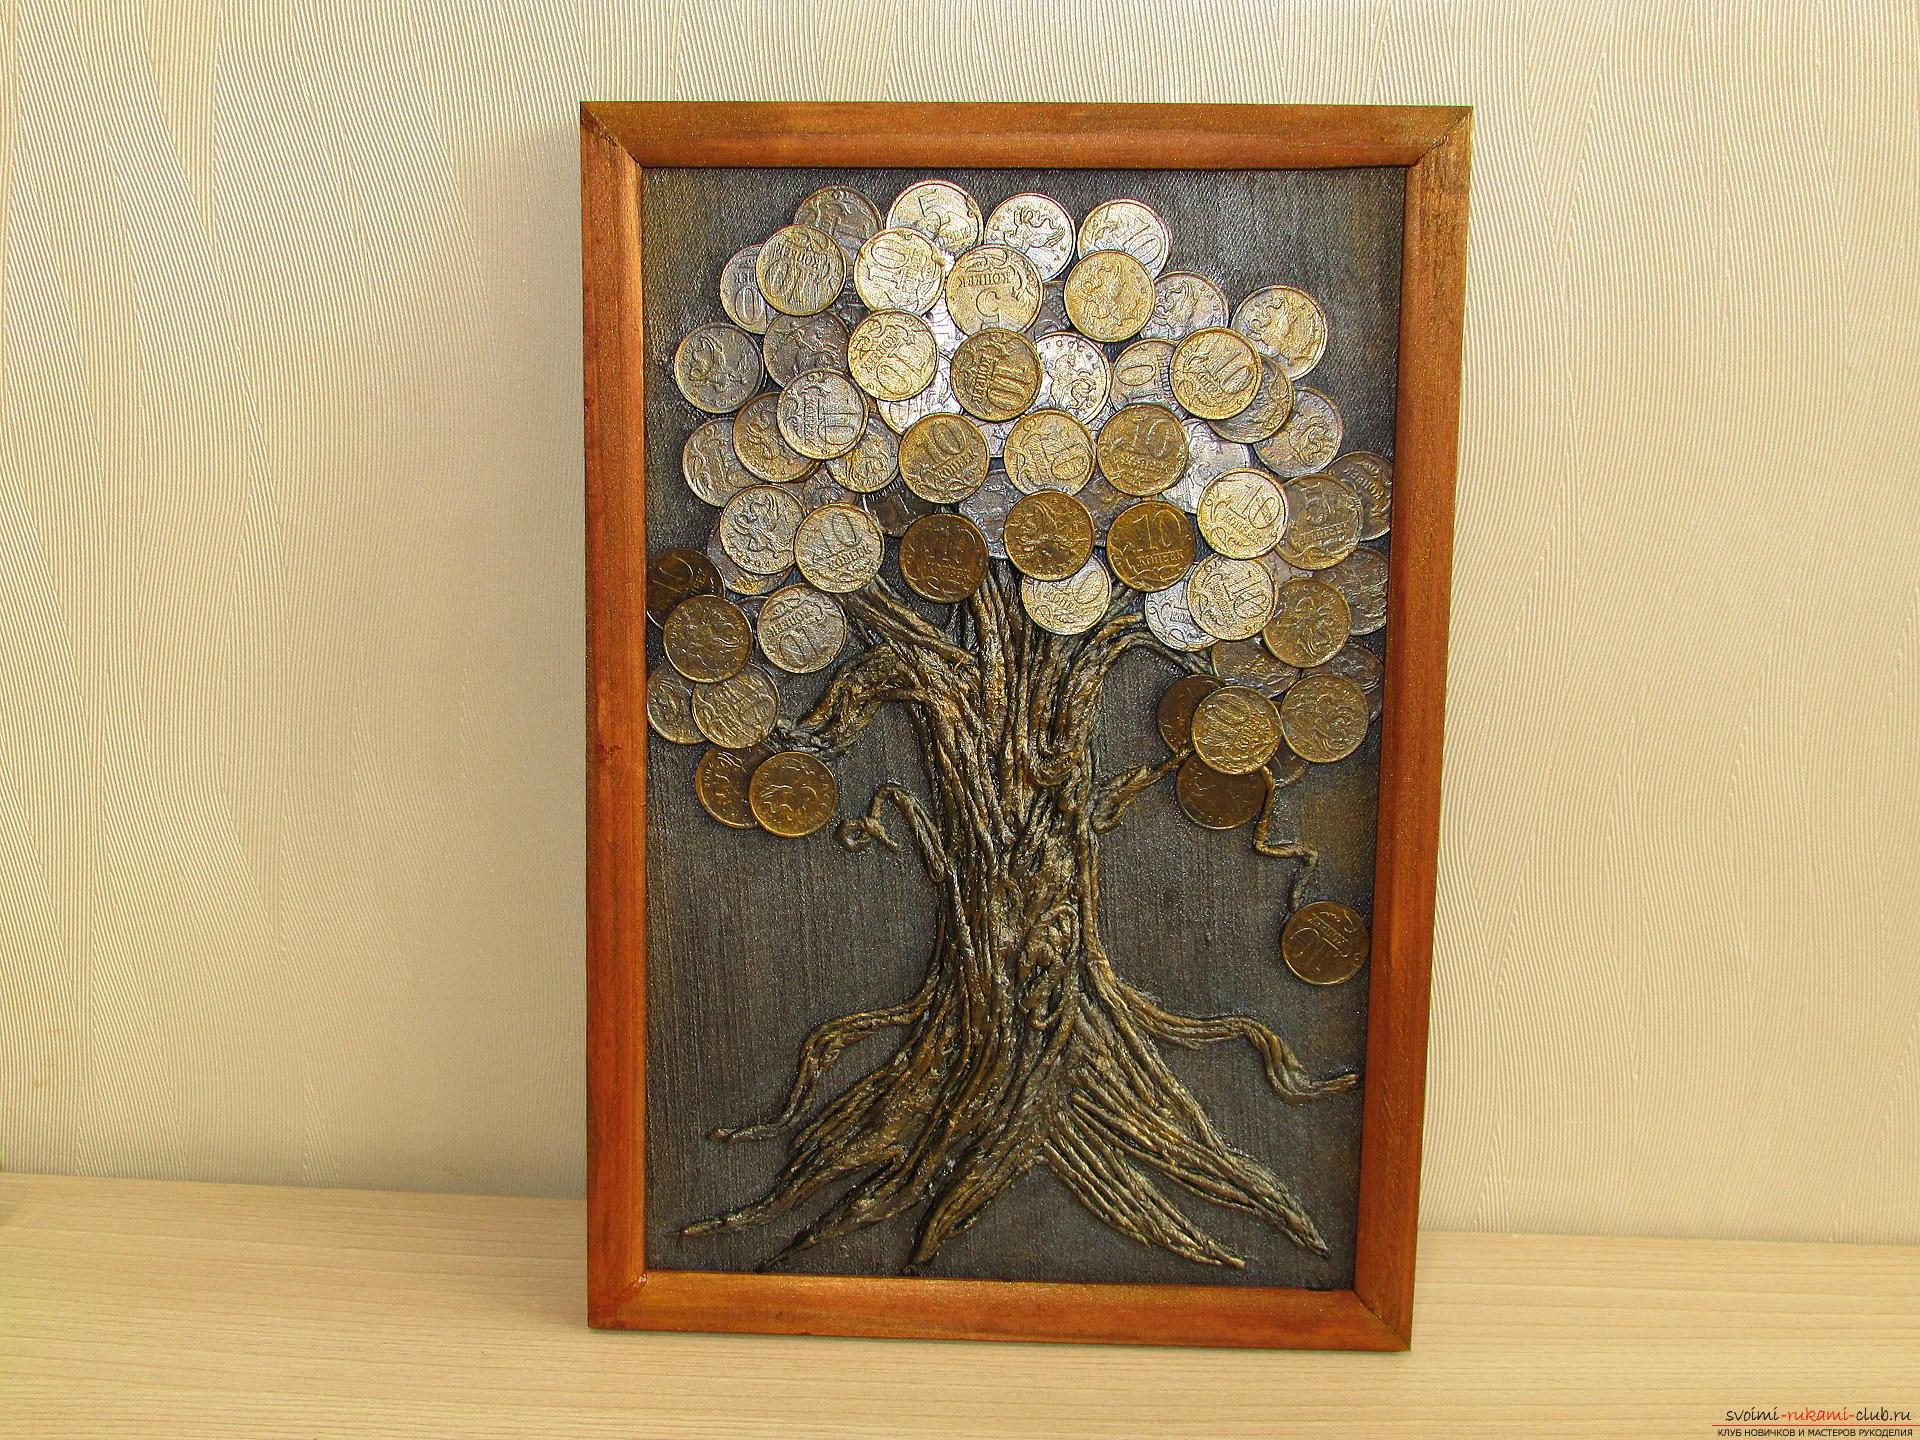 Мастер-класс покажет как сделать денежное дерево из монет своими руками.. Фото №17